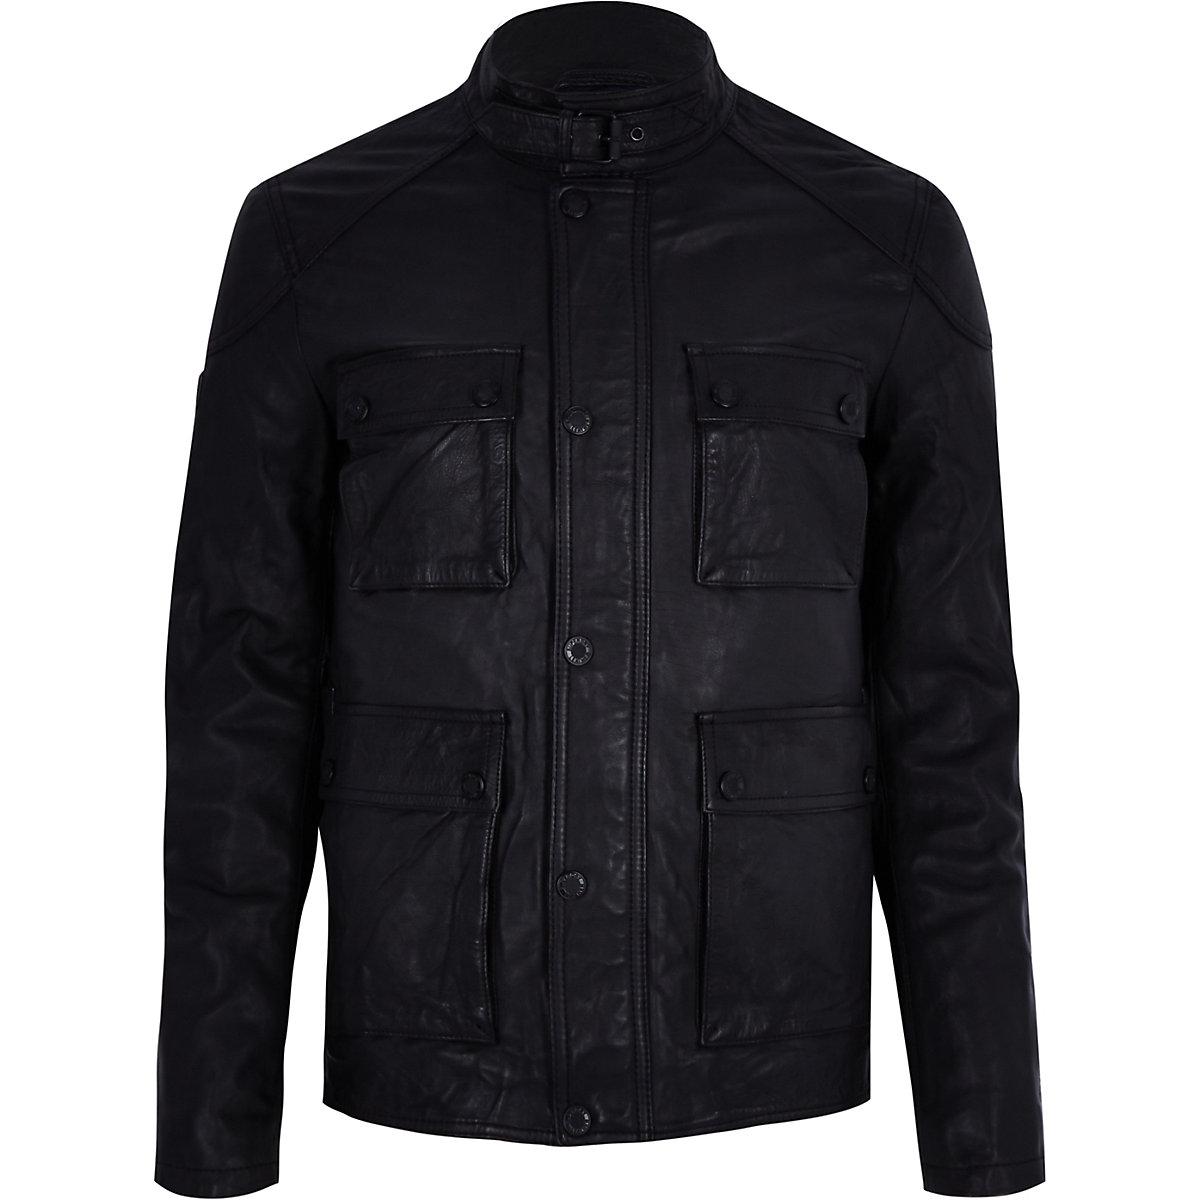 Superdry black leather pocket jacket